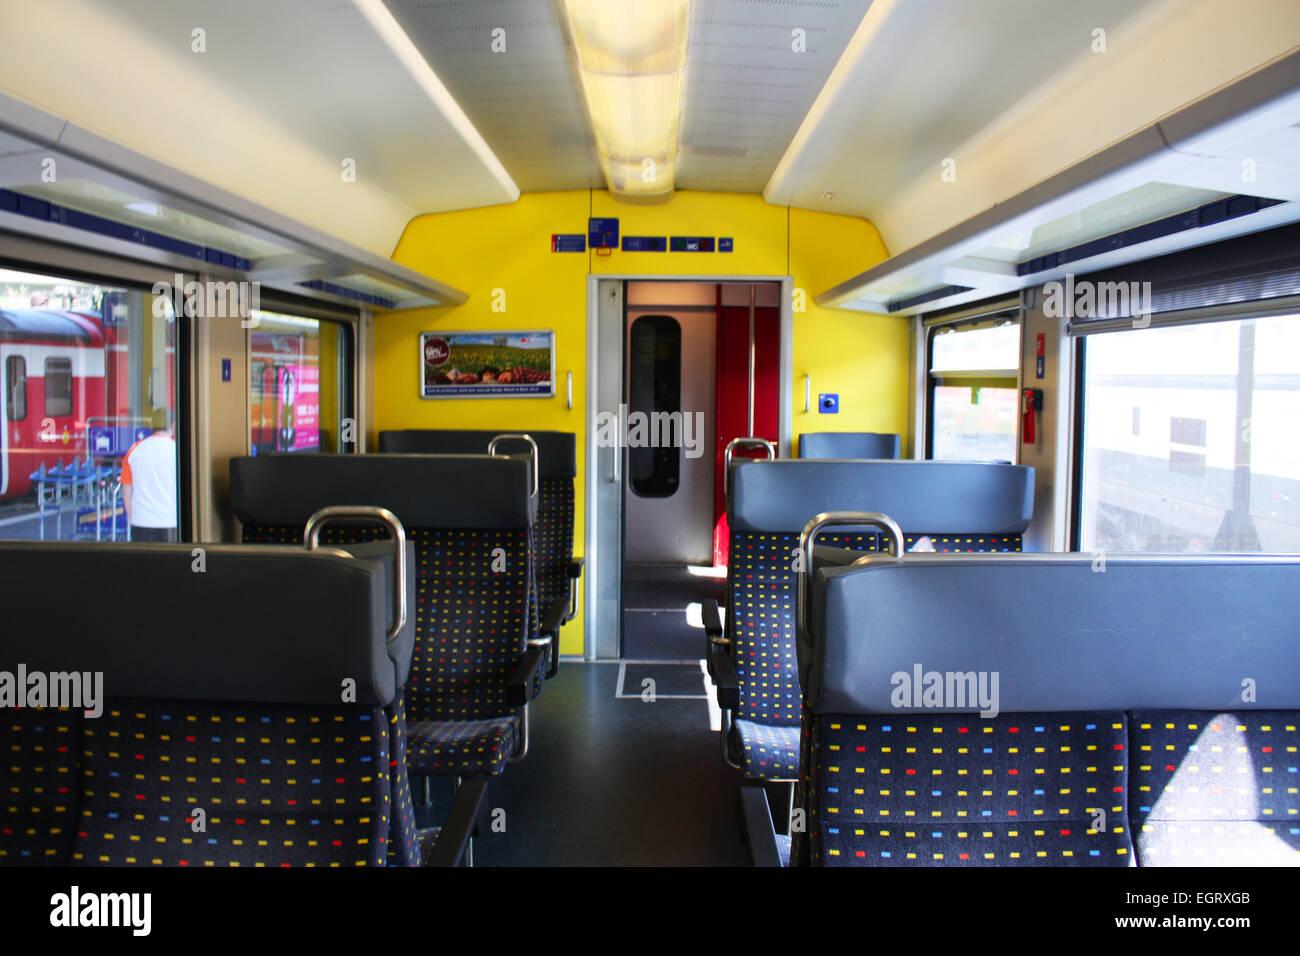 Seats inside a train in Switzerland Stock Photo